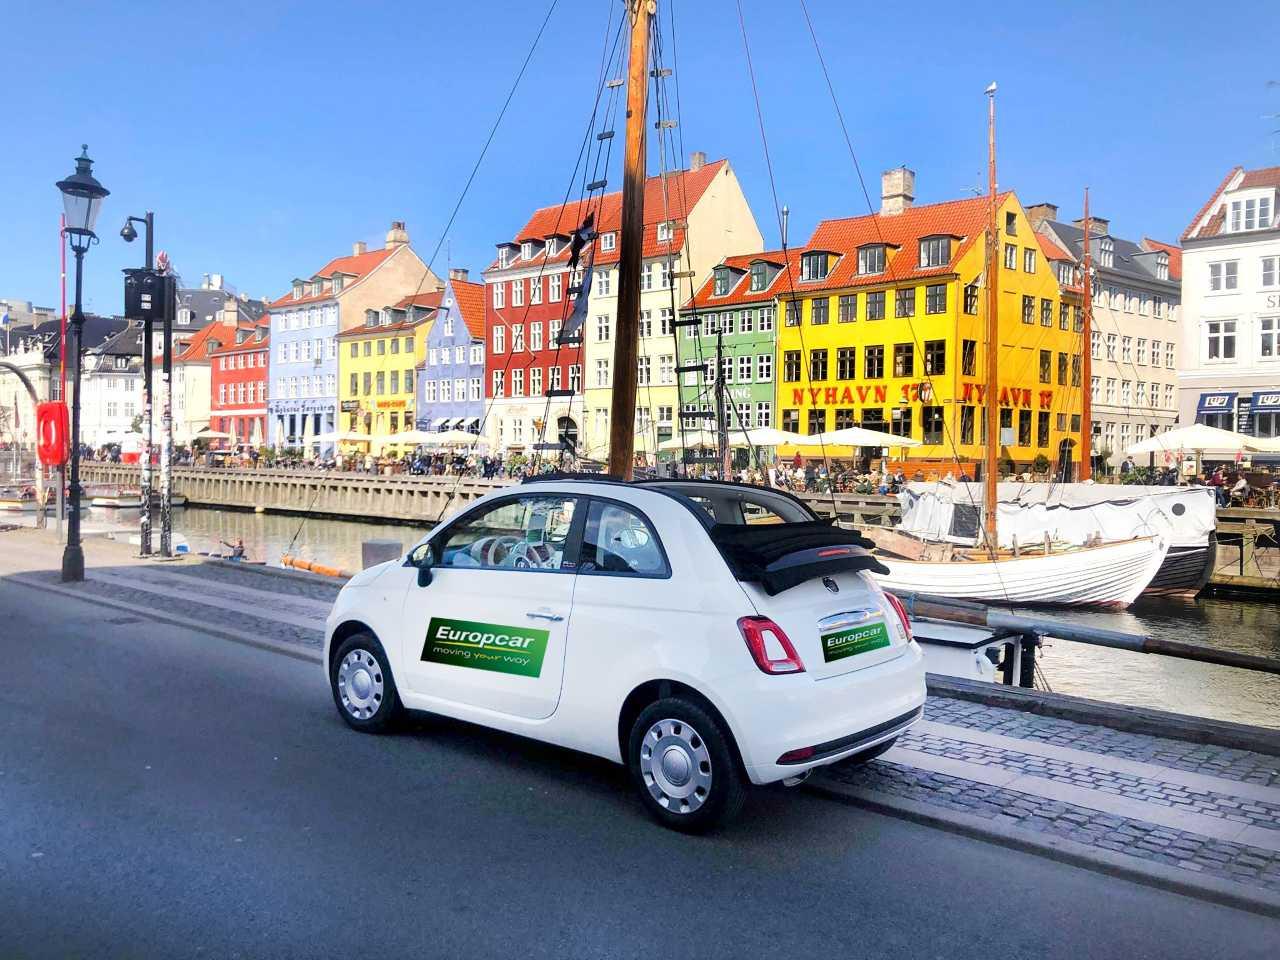 Europcar, Danmarks største biludlejer, har i højsæsonen omkring 7.300 biler til udlejning – bilerne er delt op i to flåder, med og uden danske afgifter, sidstnævnte kan danske statsborgere ikke leje. Foto: Europcar.